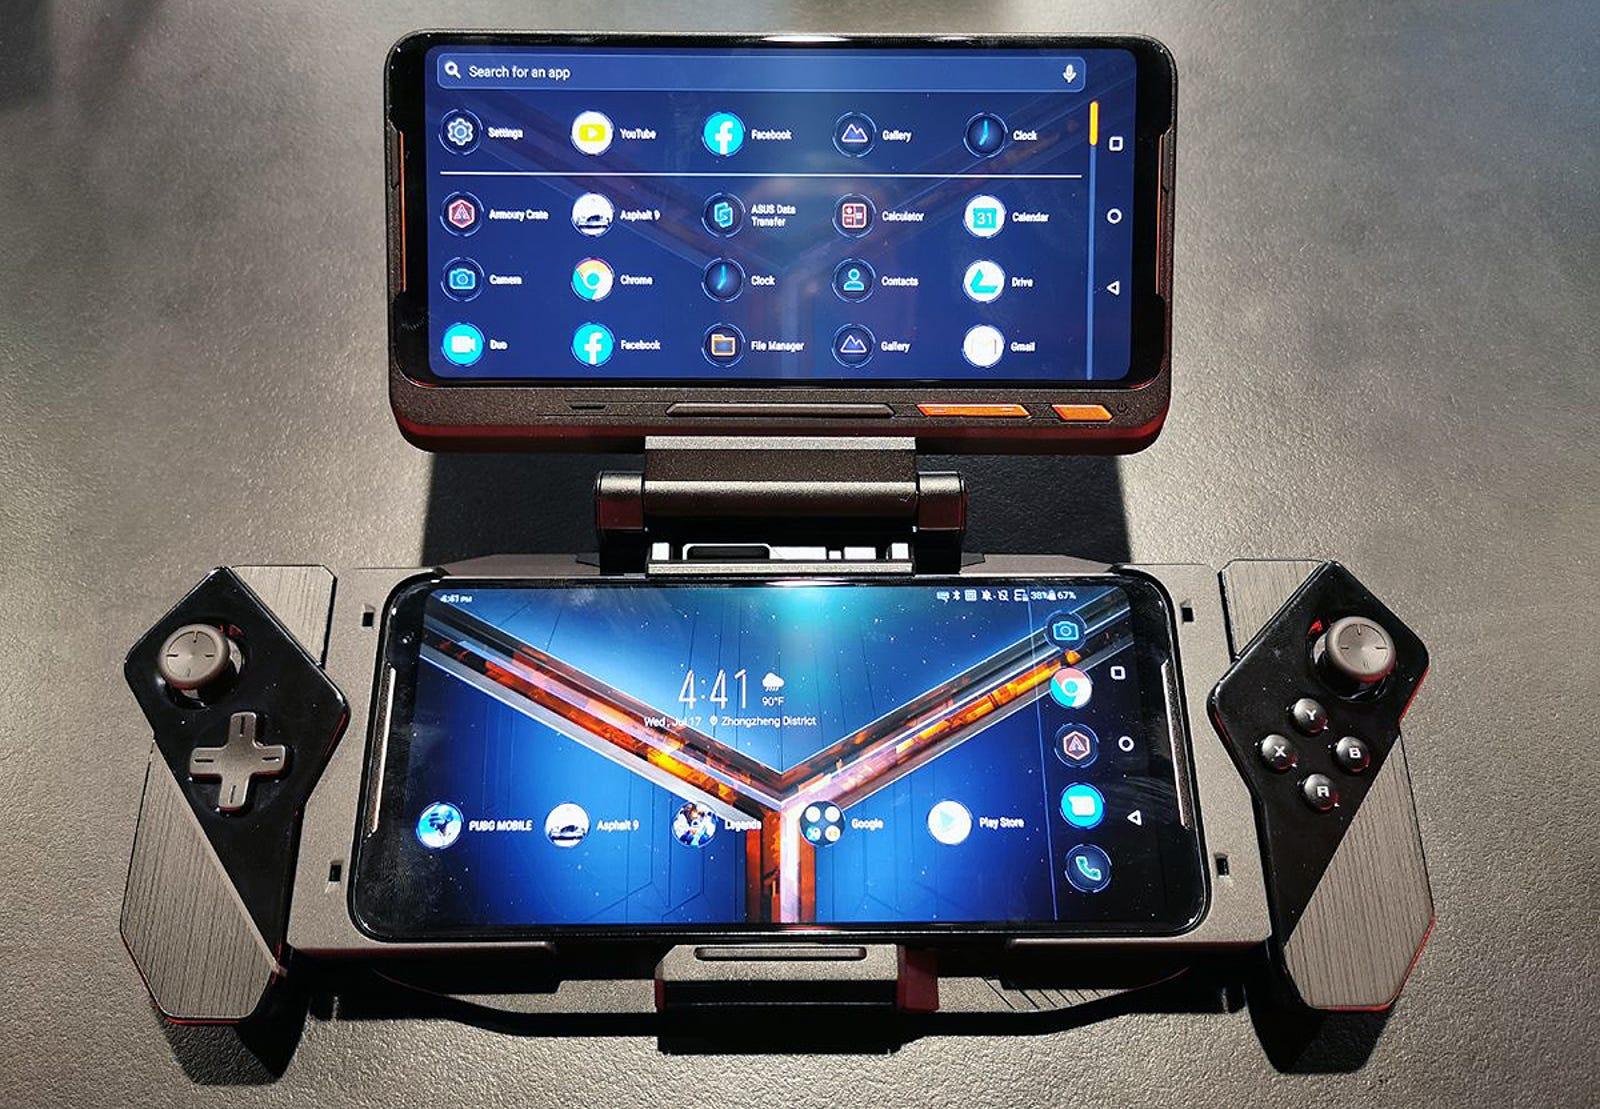 El Asus ROG Phone II, con el Kunai Gamepad y el accesorio Twin View.